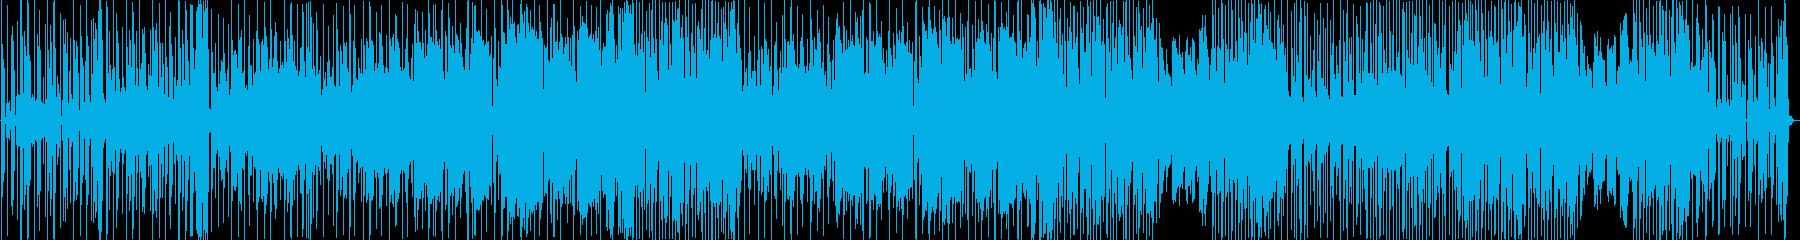 ヒップホップ風のリズムのR&Bバラード4の再生済みの波形